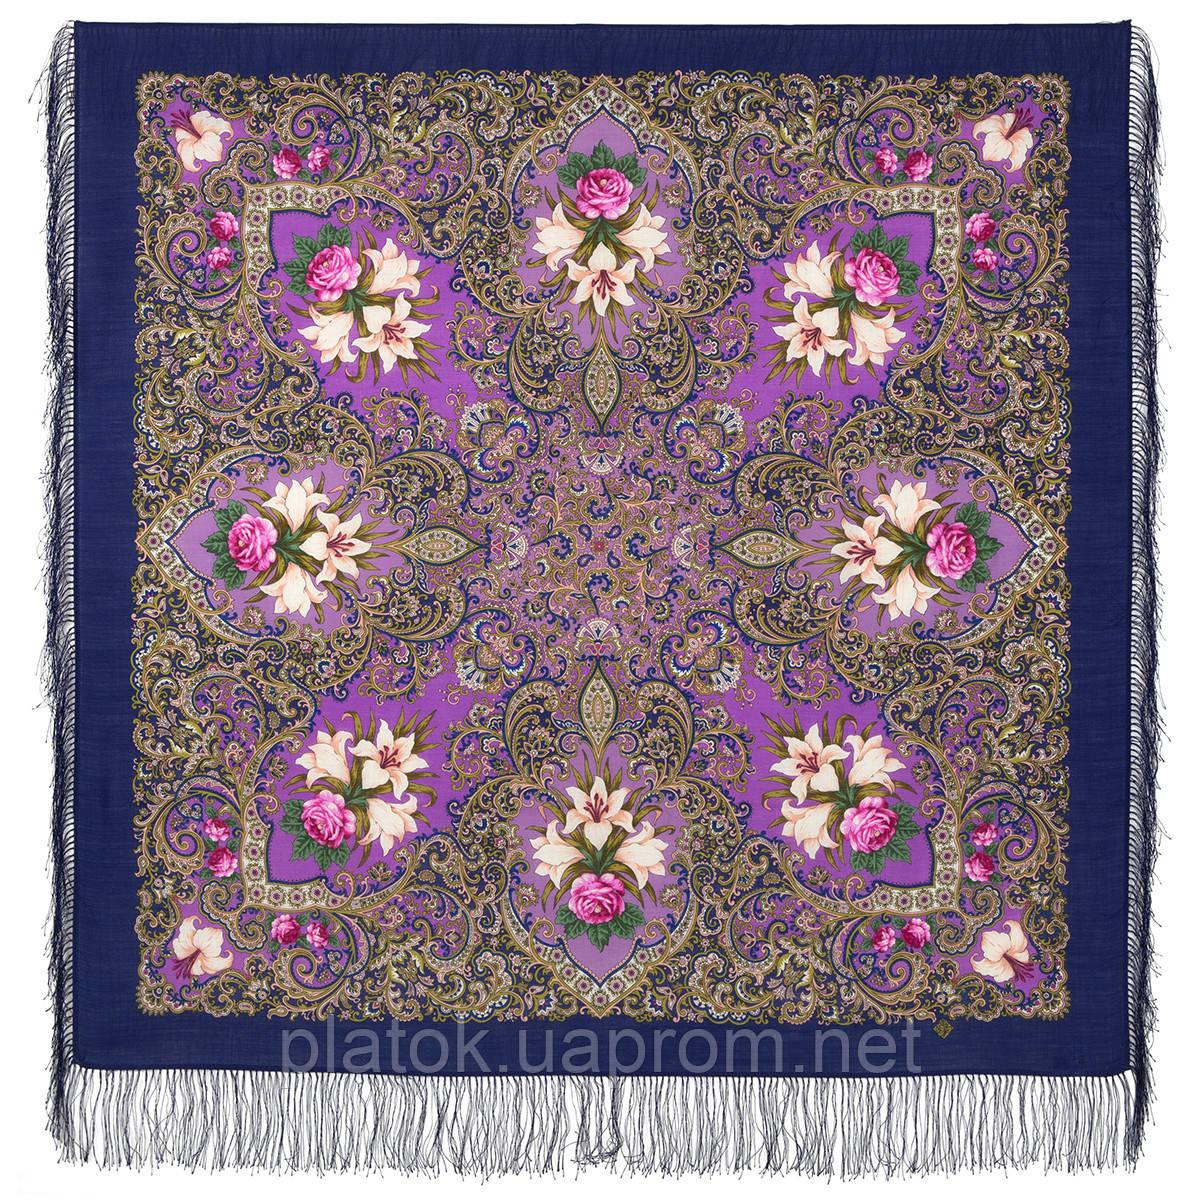 Сказки летней ночи 1862-14, павлопосадский платок шерстяной с шелковой бахромой